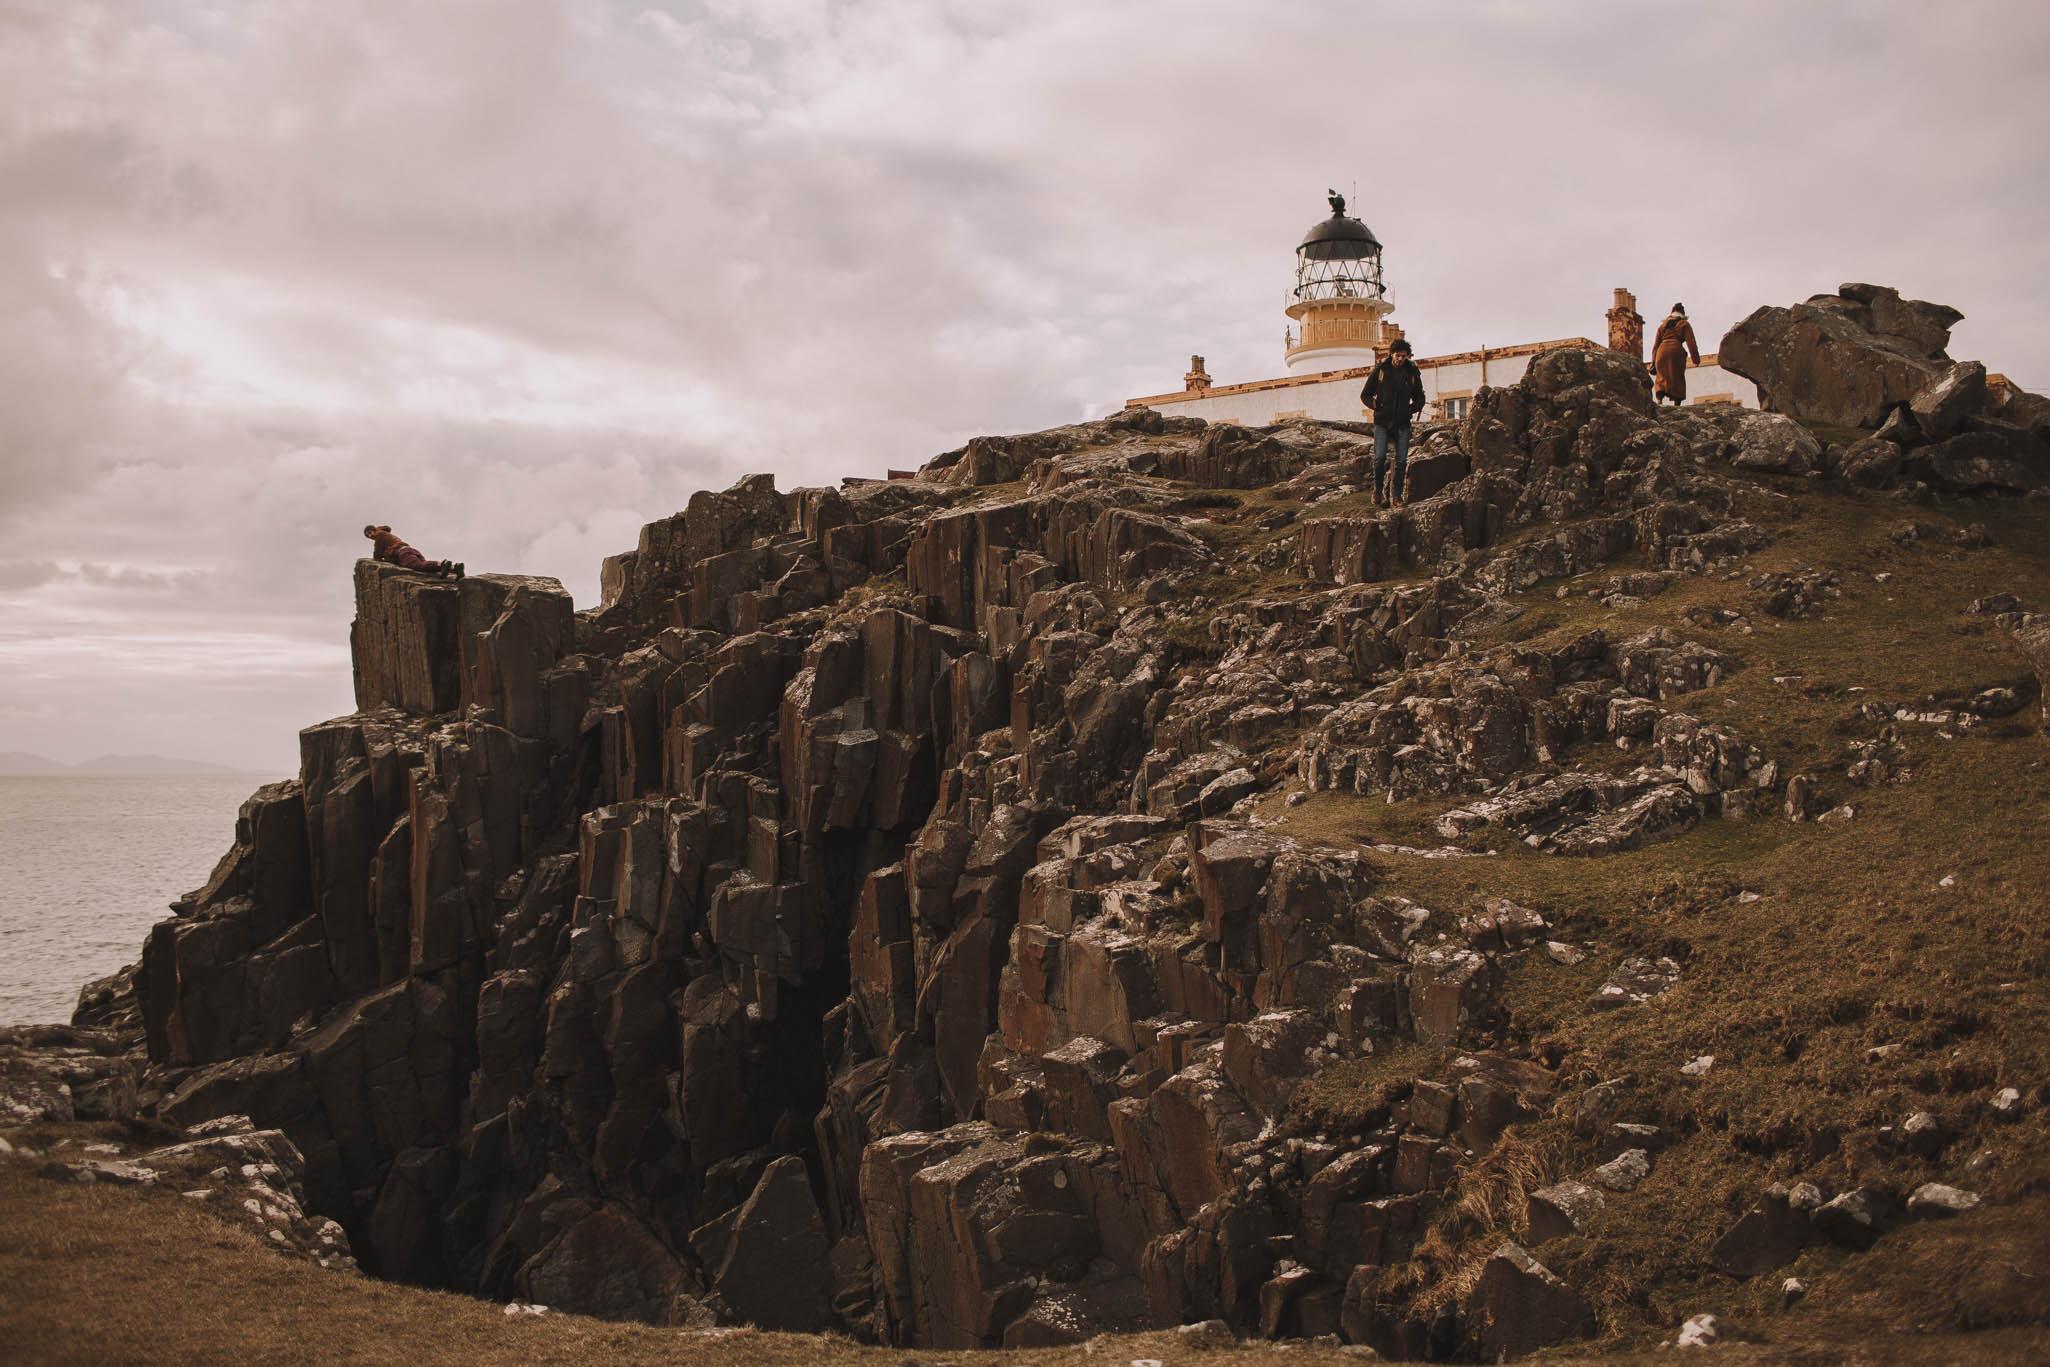 Scotland-wedding-photographer-jeremy-boyer-photographe-mariage-ecosse-voyage-road-trip-travel-73.jpg